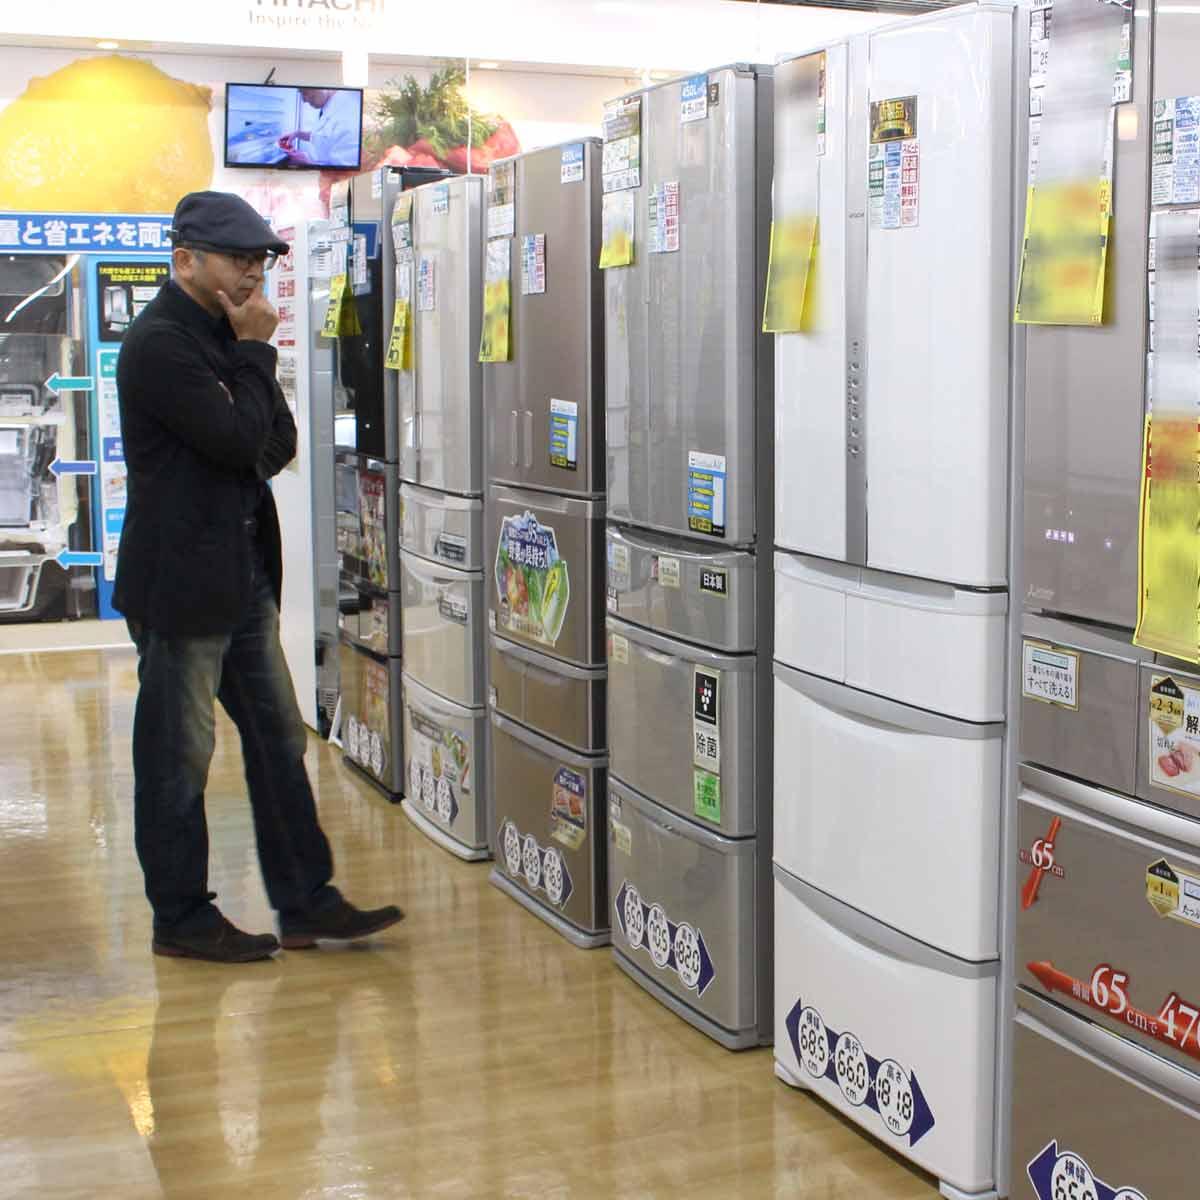 家電のプロがリアルに自腹購入した冷蔵庫はコレ! 7つのポイントを解説